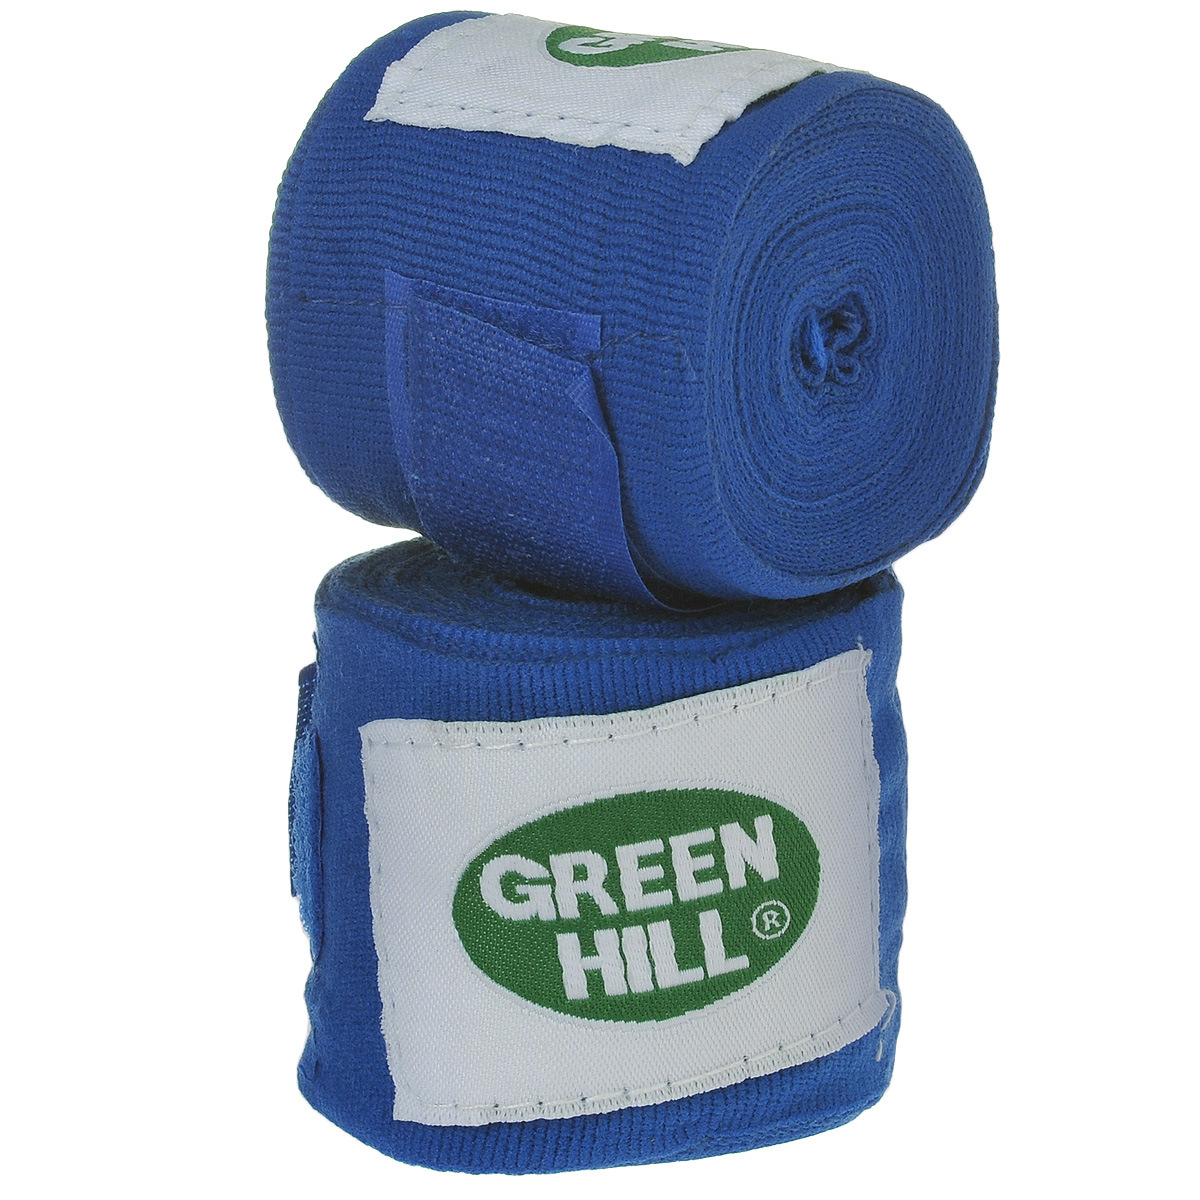 Бинты боксерские Green Hill, эластик, цвет: синий, 2,5 м, 2 штВС-6235-25Бинты Green Hill предназначены для защиты запястья во время занятий боксом. Изготовлены из высококачественного хлопка с добавлением эластана. Бинты надежно закрепляются на руке застежкой на липучке.Длина бинтов: 2,5 м.